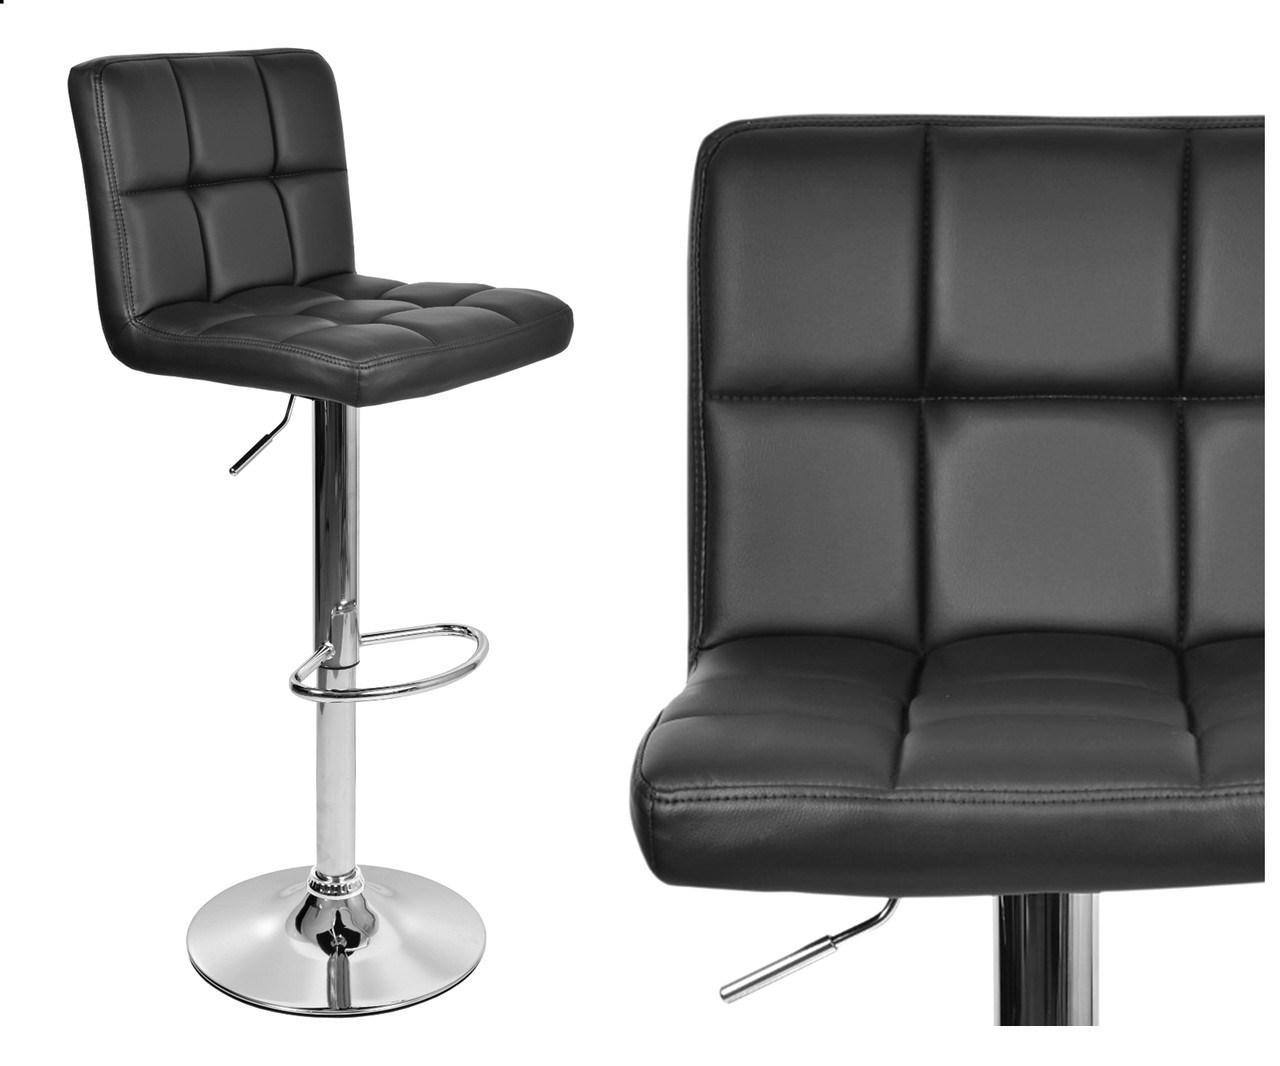 Барный стул барний стілець кресло на кухню Hoker черный